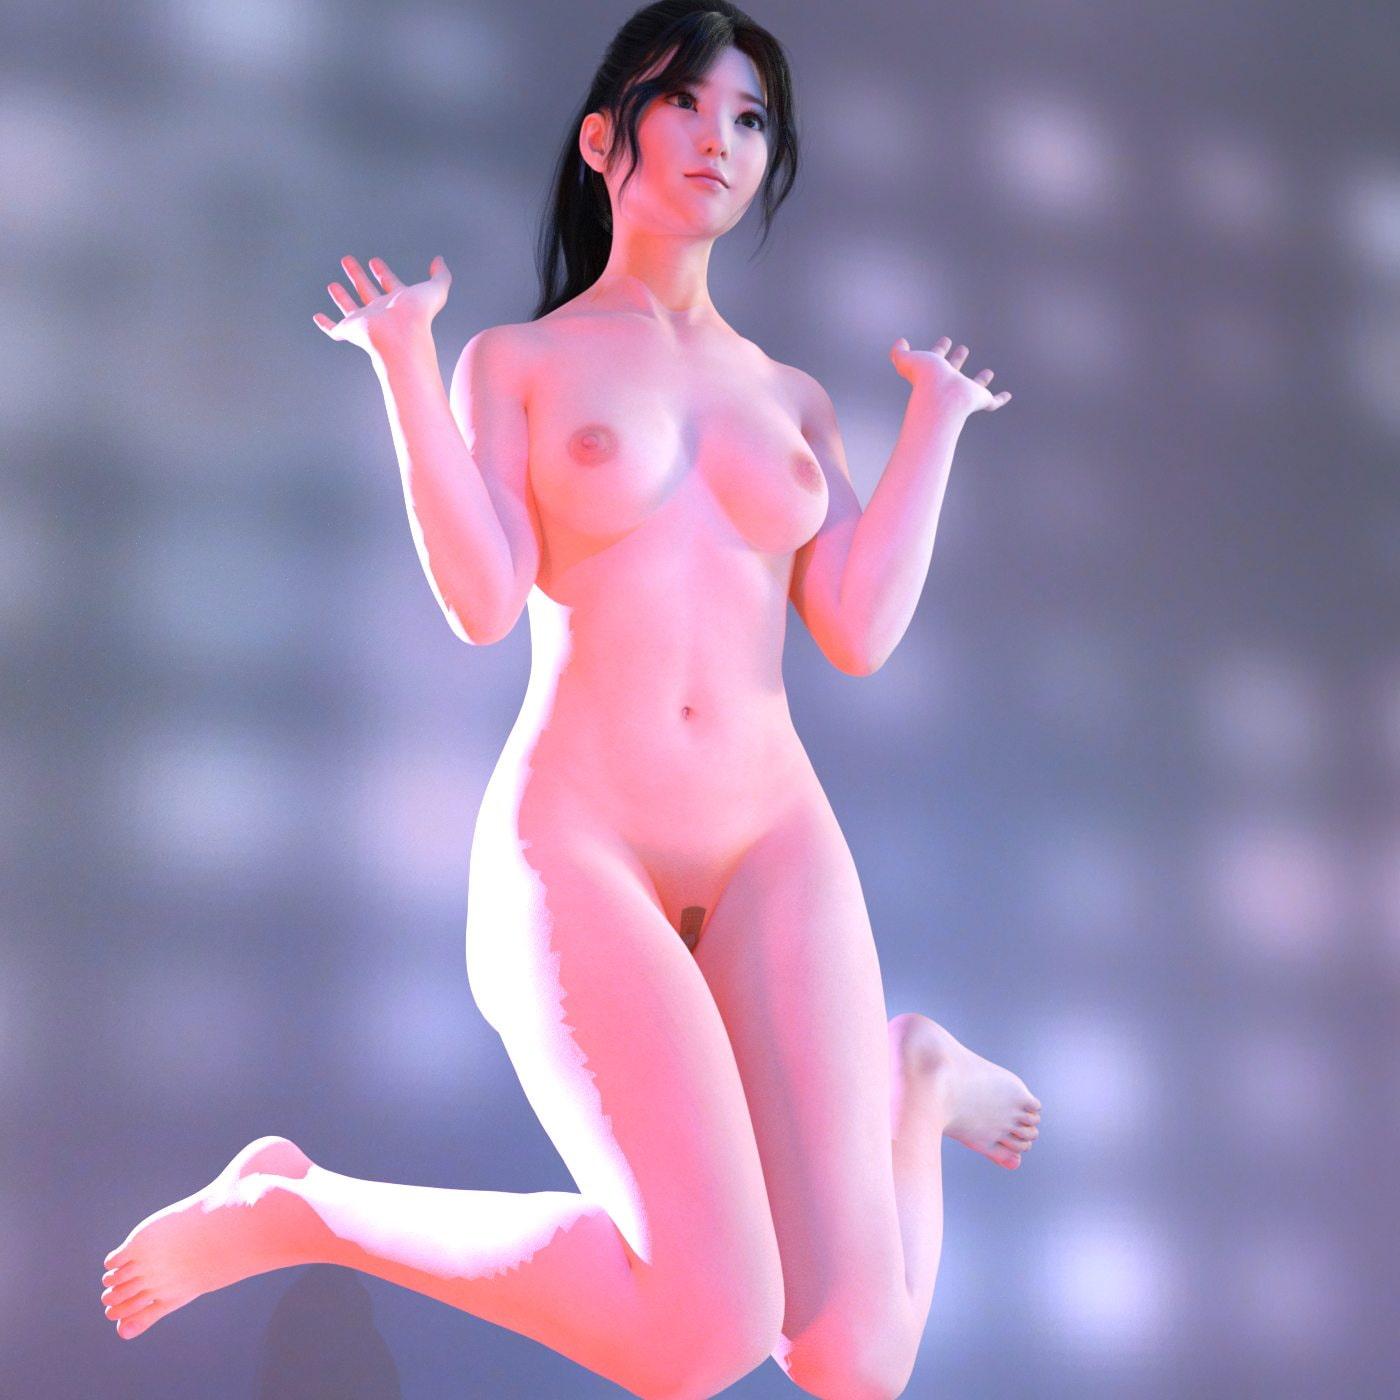 女体全裸画像集その3